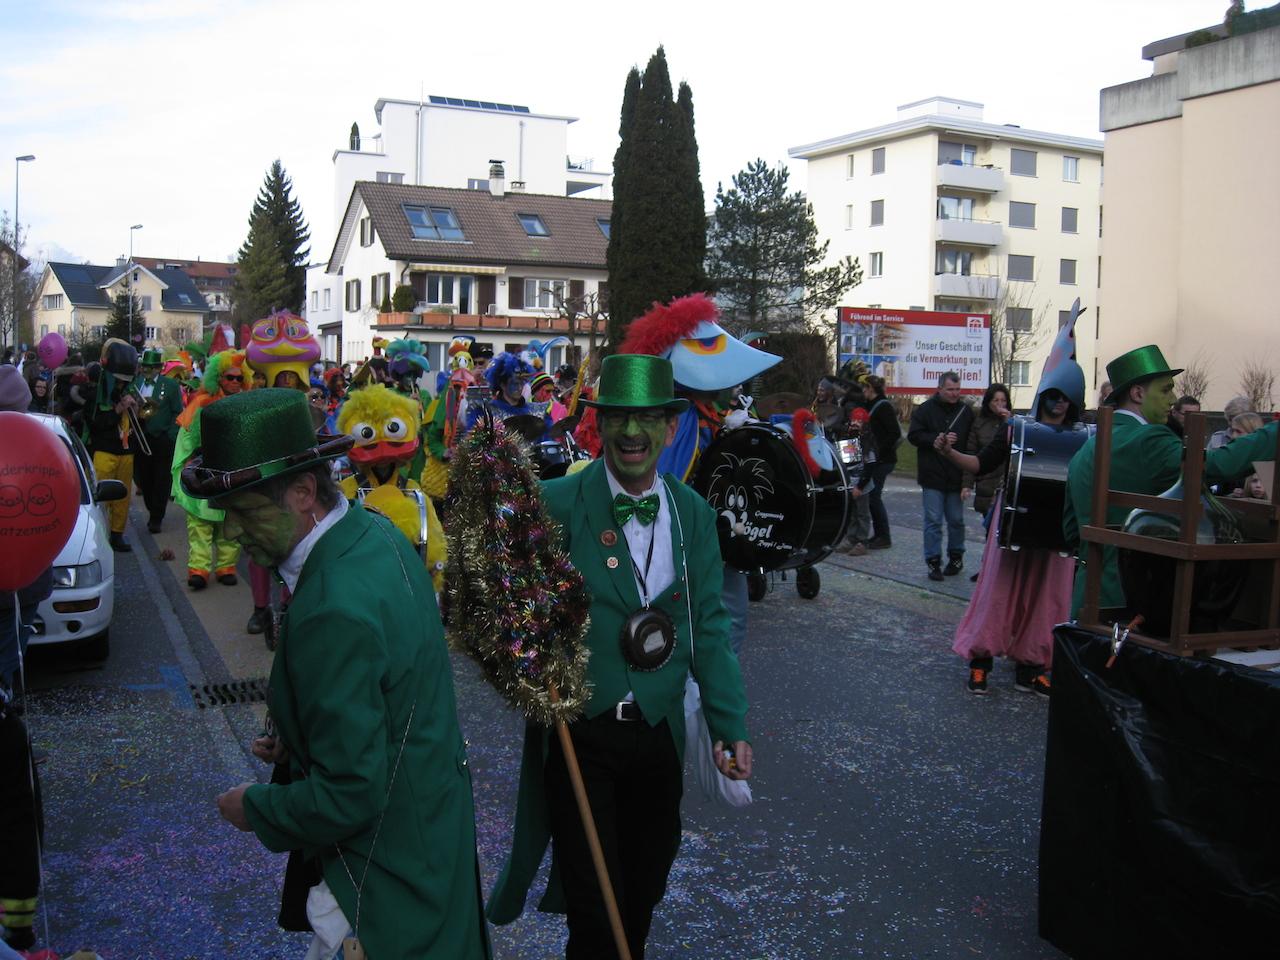 2014-02-27-Fasnacht-50-Jahre-Wurstkranz-030